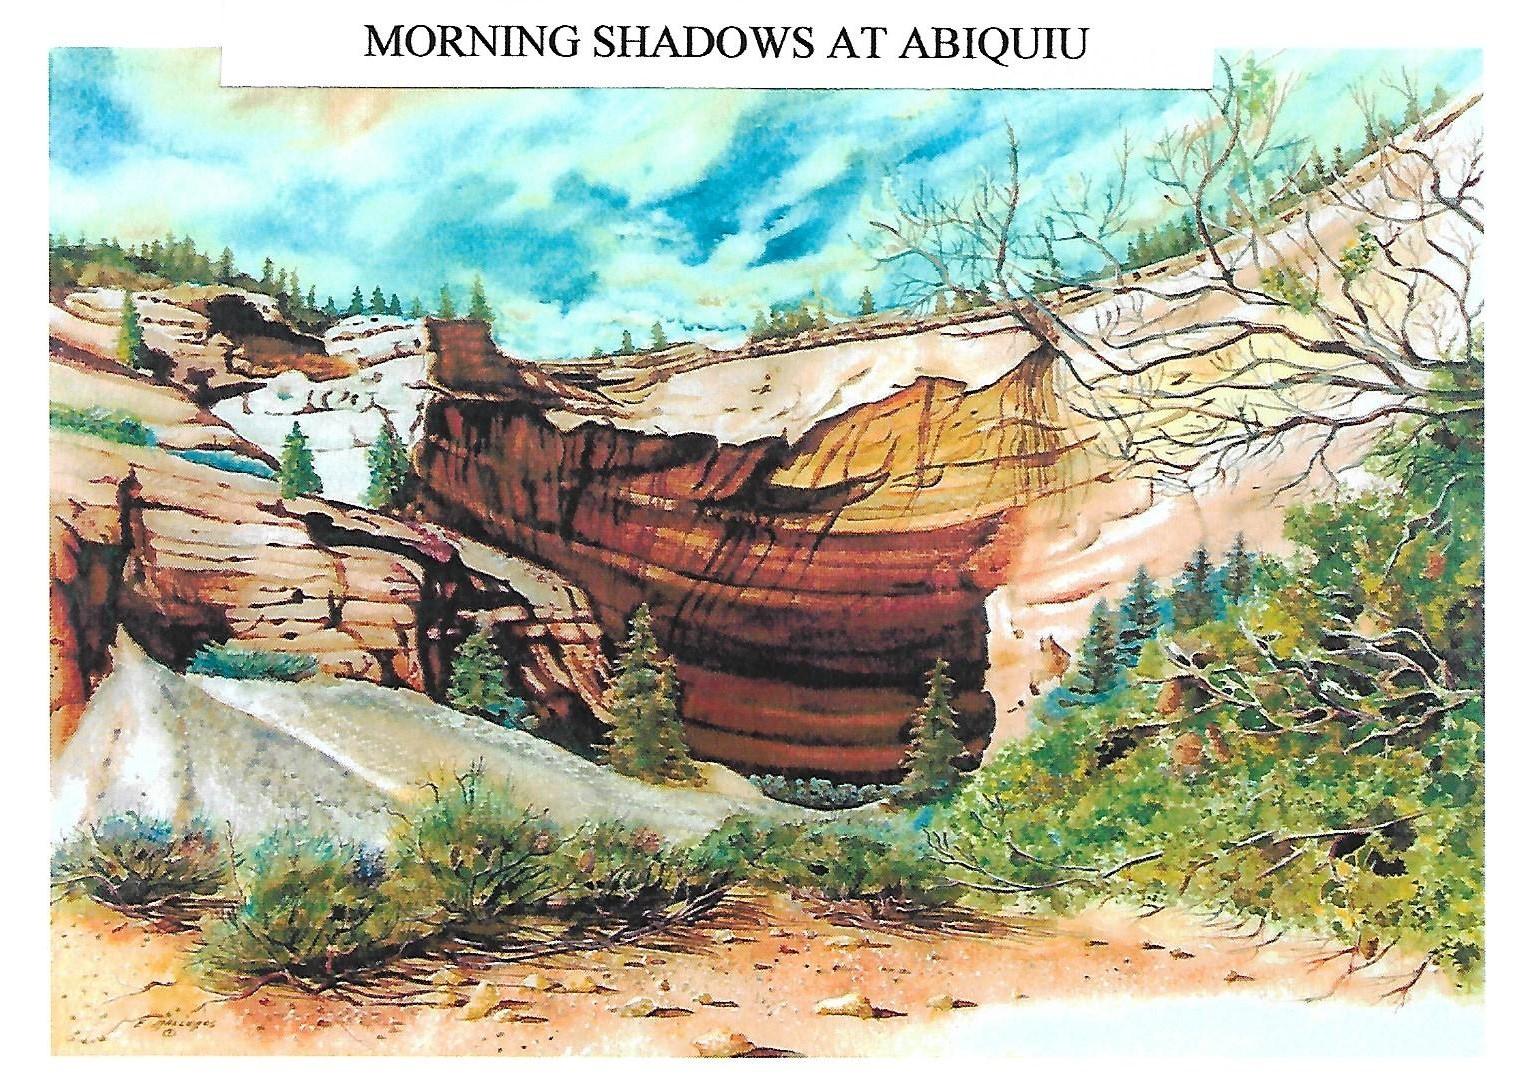 Morning Shadows at Abiquiu